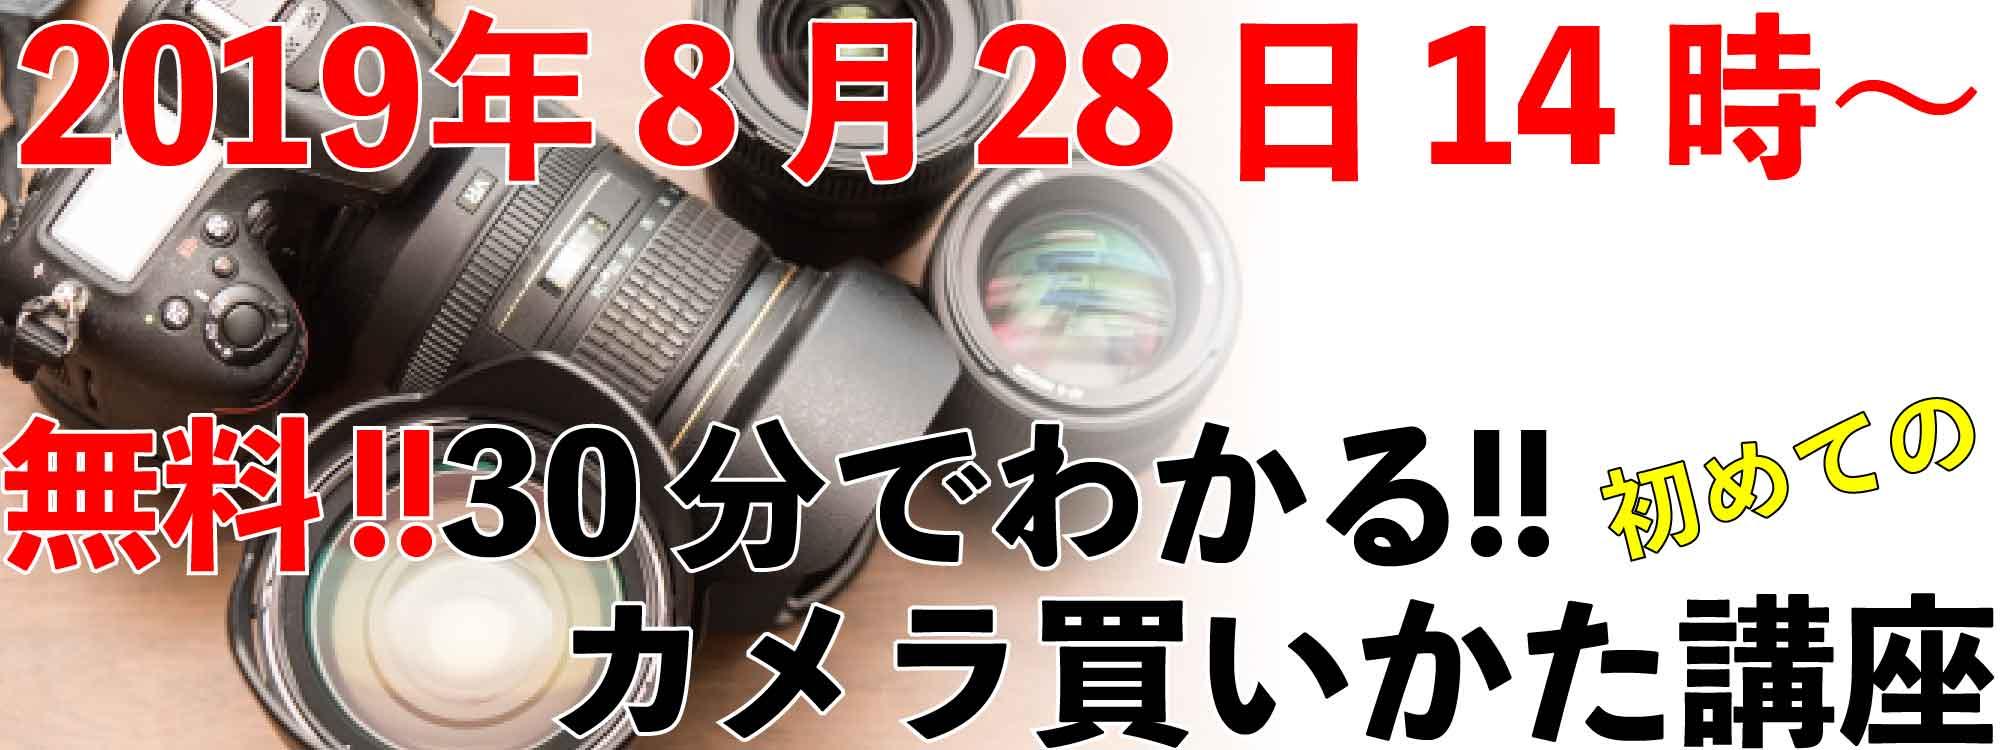 無料!!初めてのカメラ買いかた講座(feelカメラ教室 西東京市田無校)